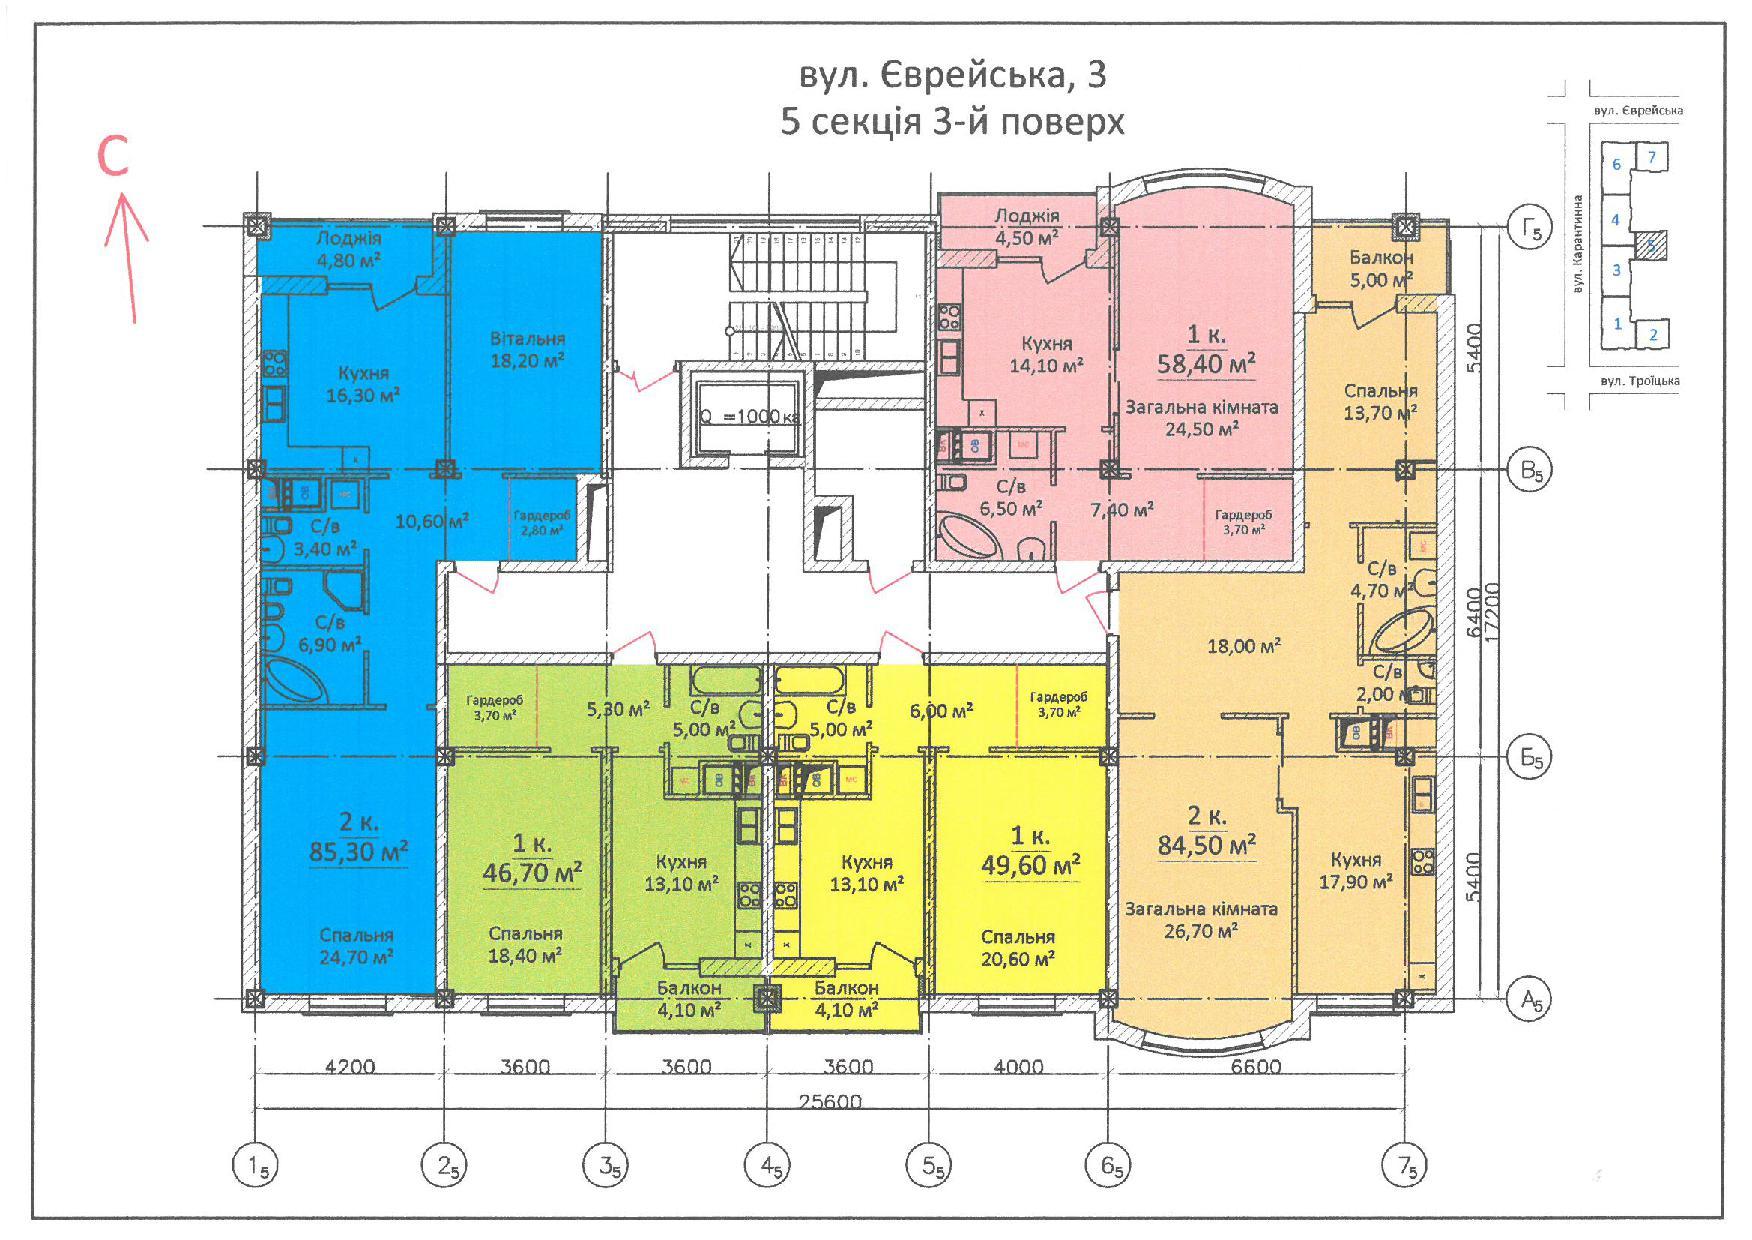 ЖК Дом на Еврейской (Чайная фабрика Будова) / Секция 5 / 3 этаж